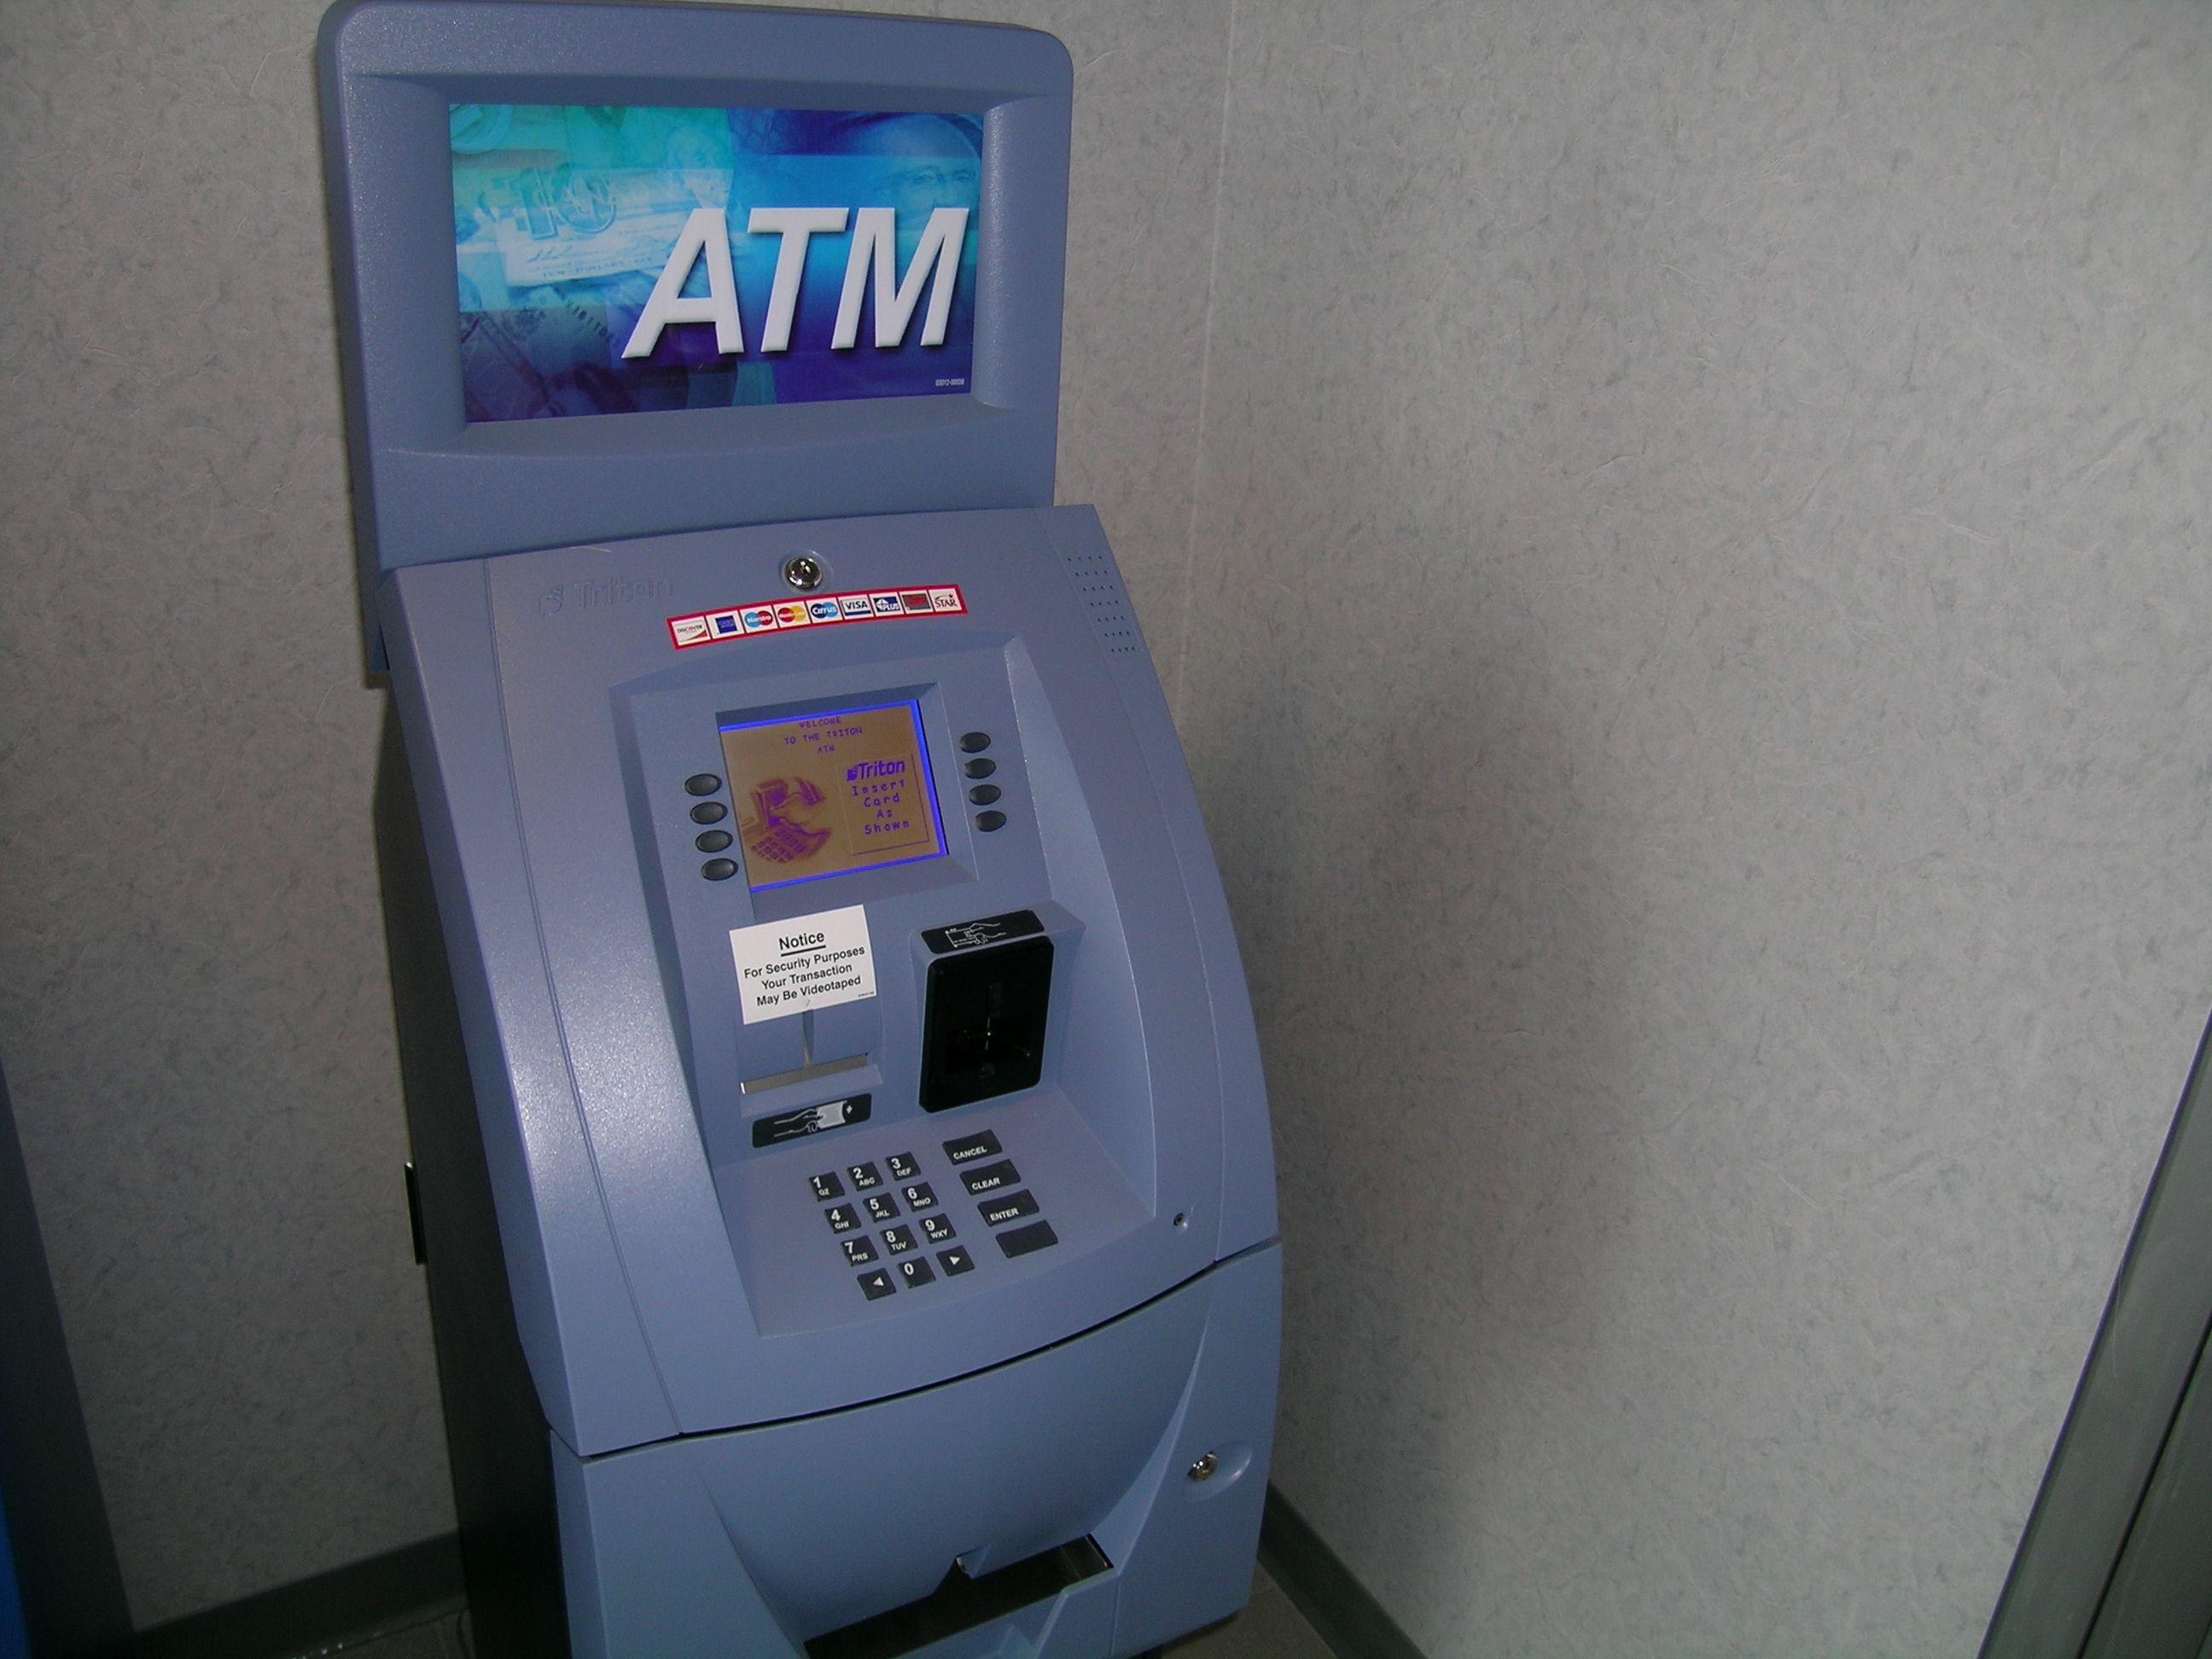 ホーム > 用語 > 日本 (JA) > 現金自動預け払い機レオンラッセル